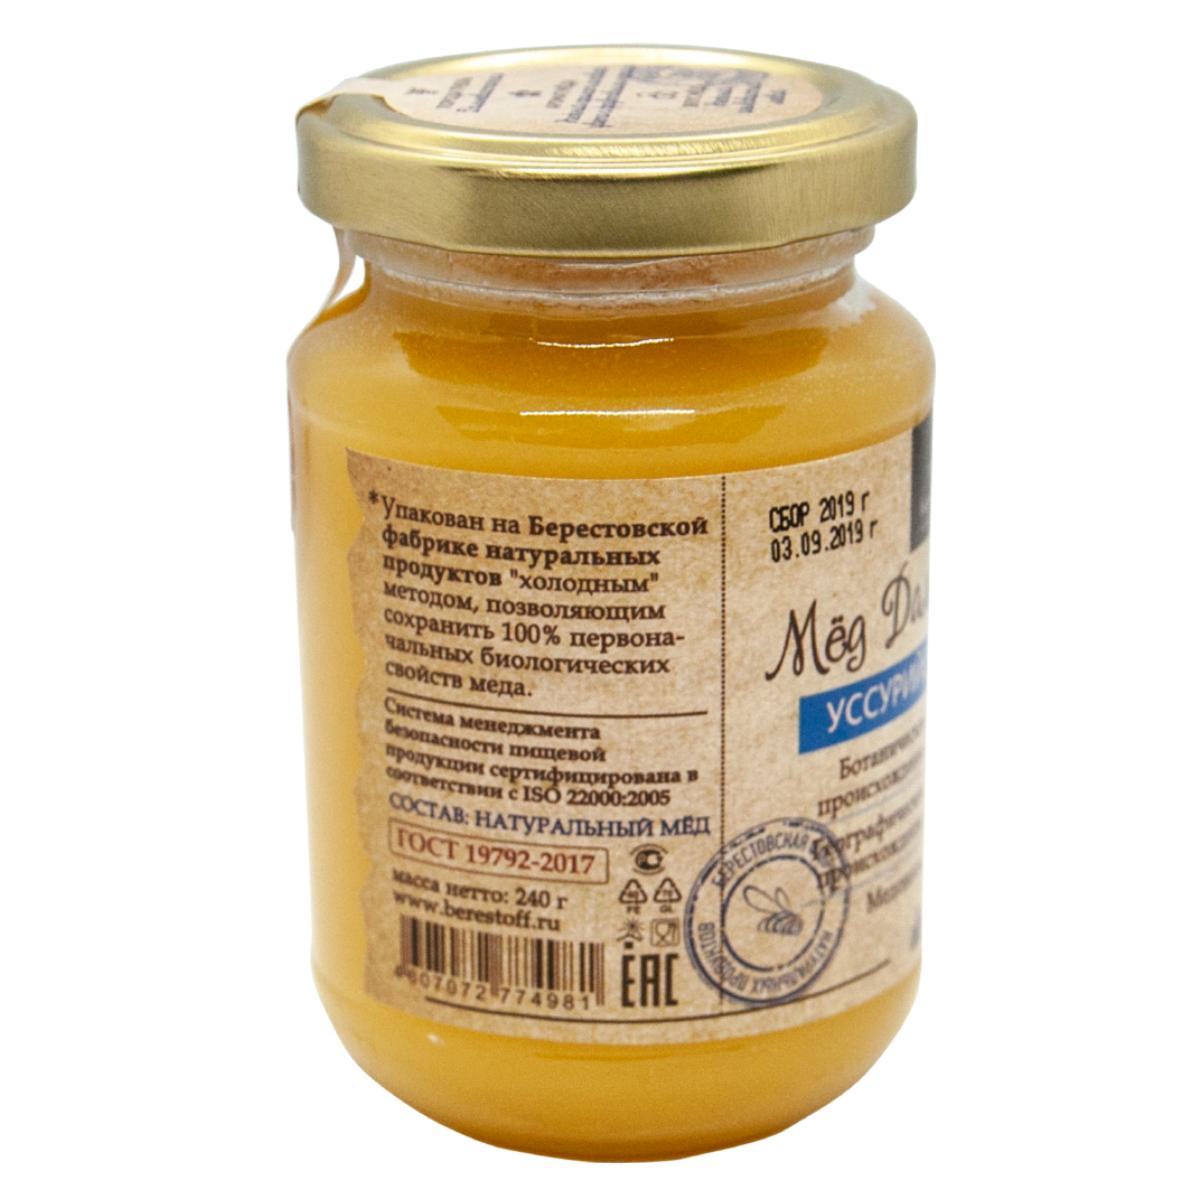 Мед Живой Уссурийский бальзам/ стекло 240г Мёд